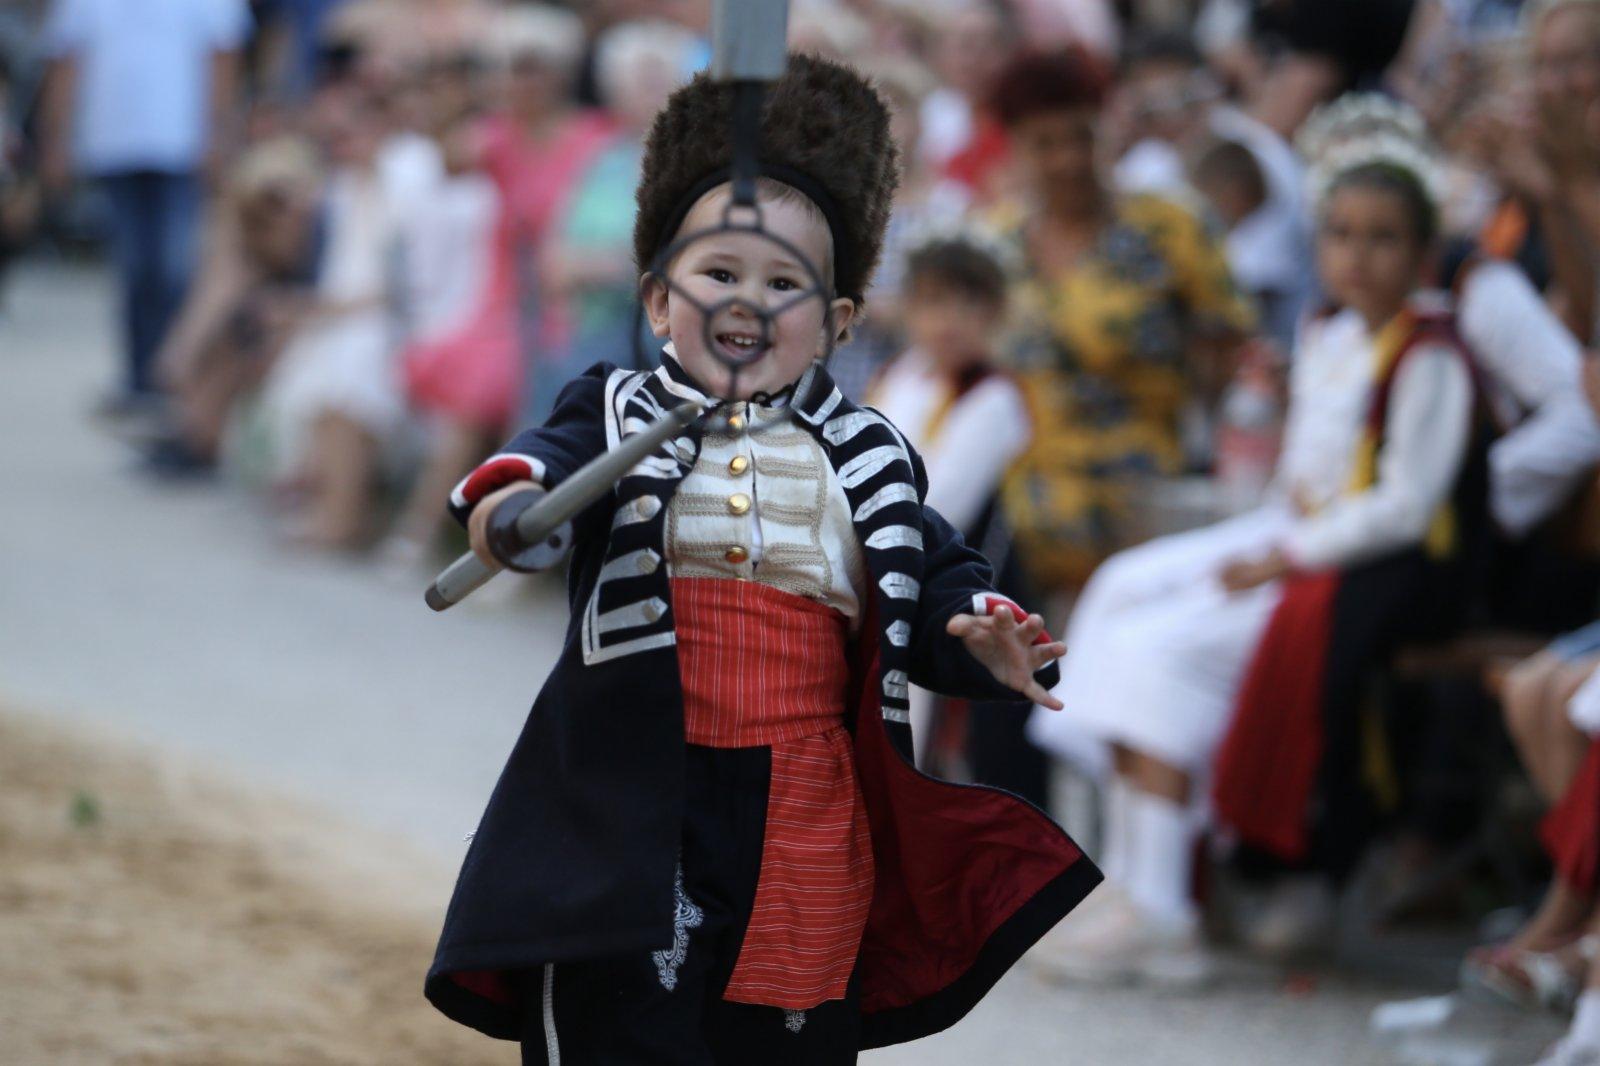 8月23日,在克羅地亞南部小城錫尼附近的伯內茲村,身著傳統服裝的兒童參加兒童長矛射環比賽。(新華社)